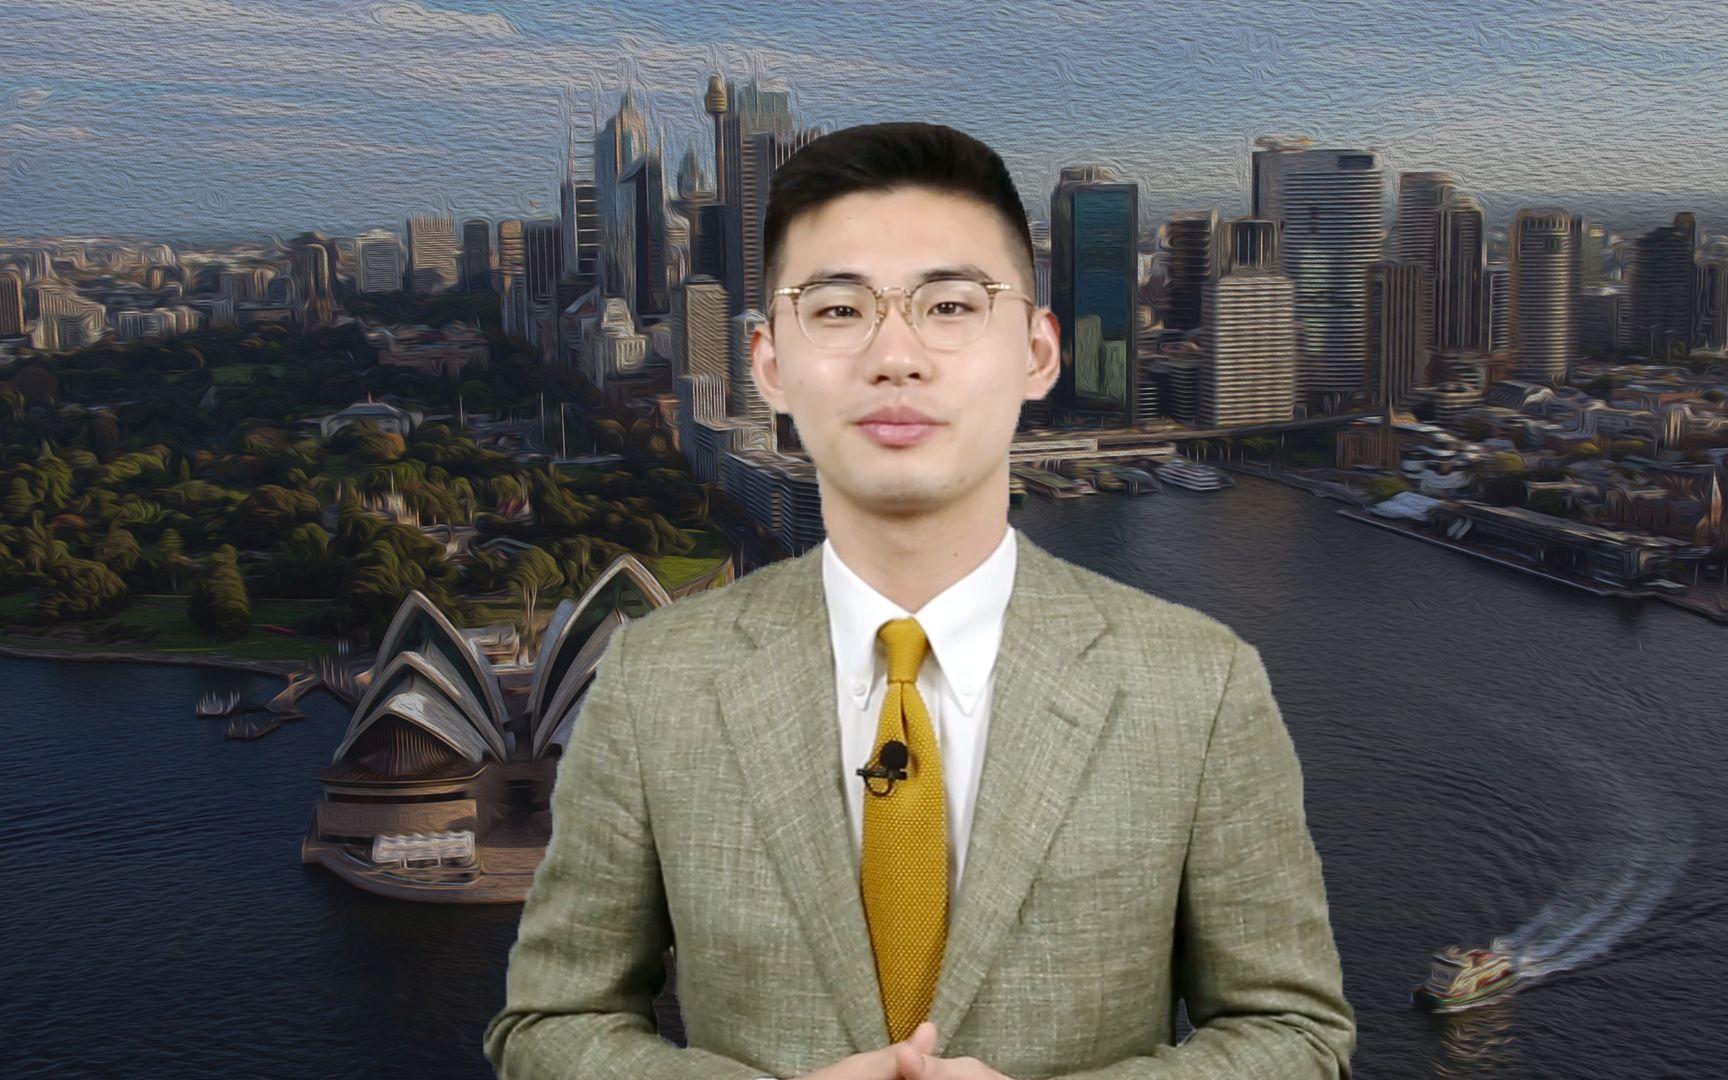 骁话一下:不理性很精分的澳大利亚